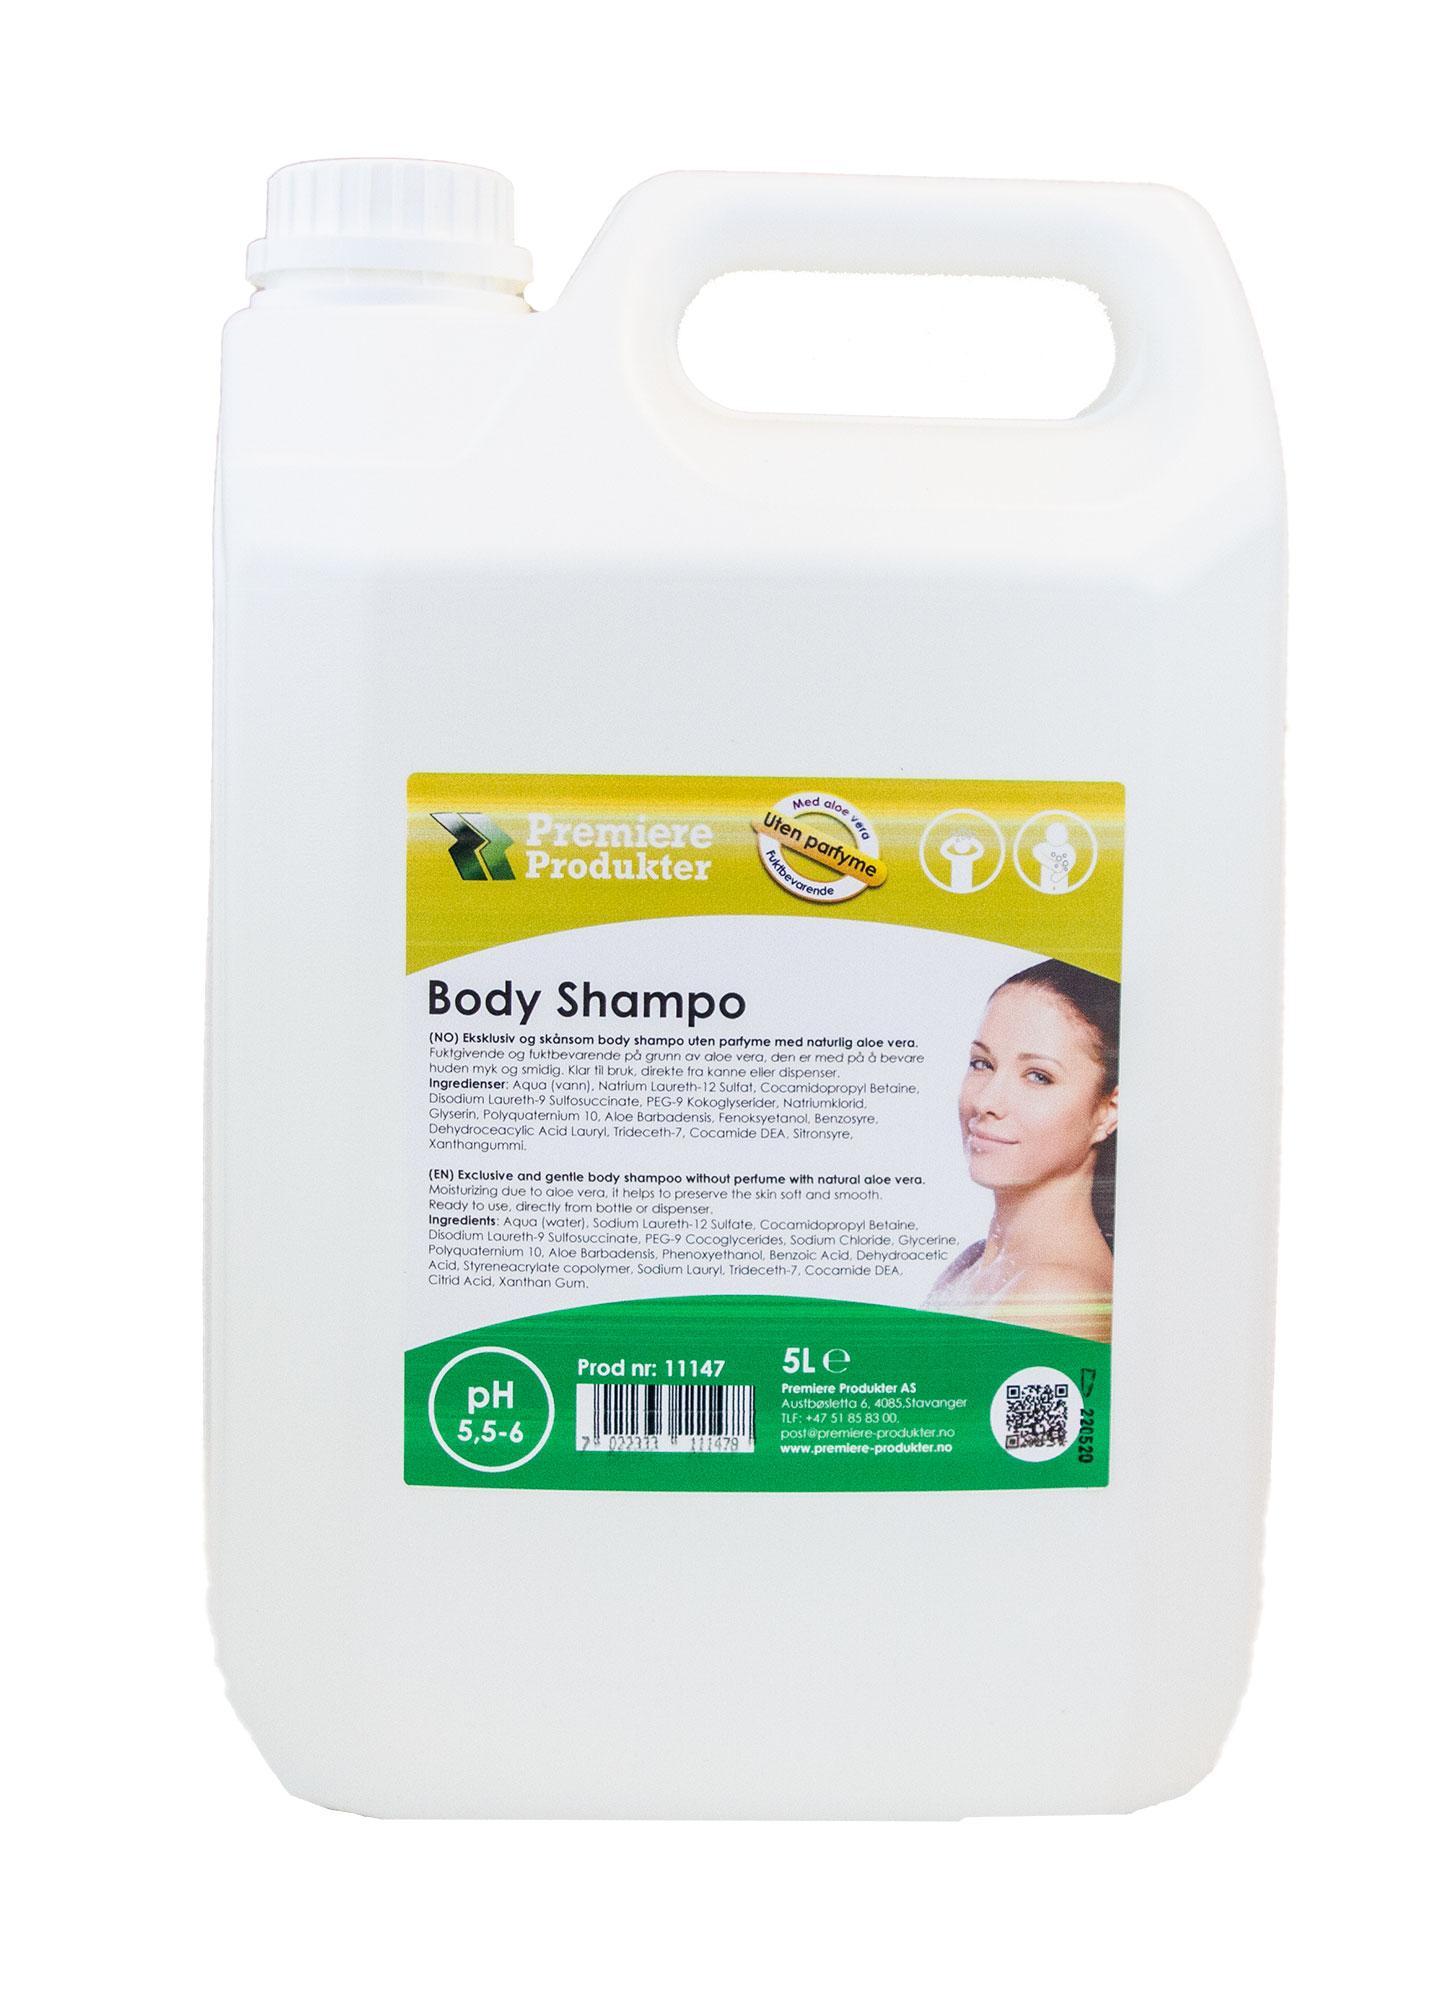 Premiere - Body shampo